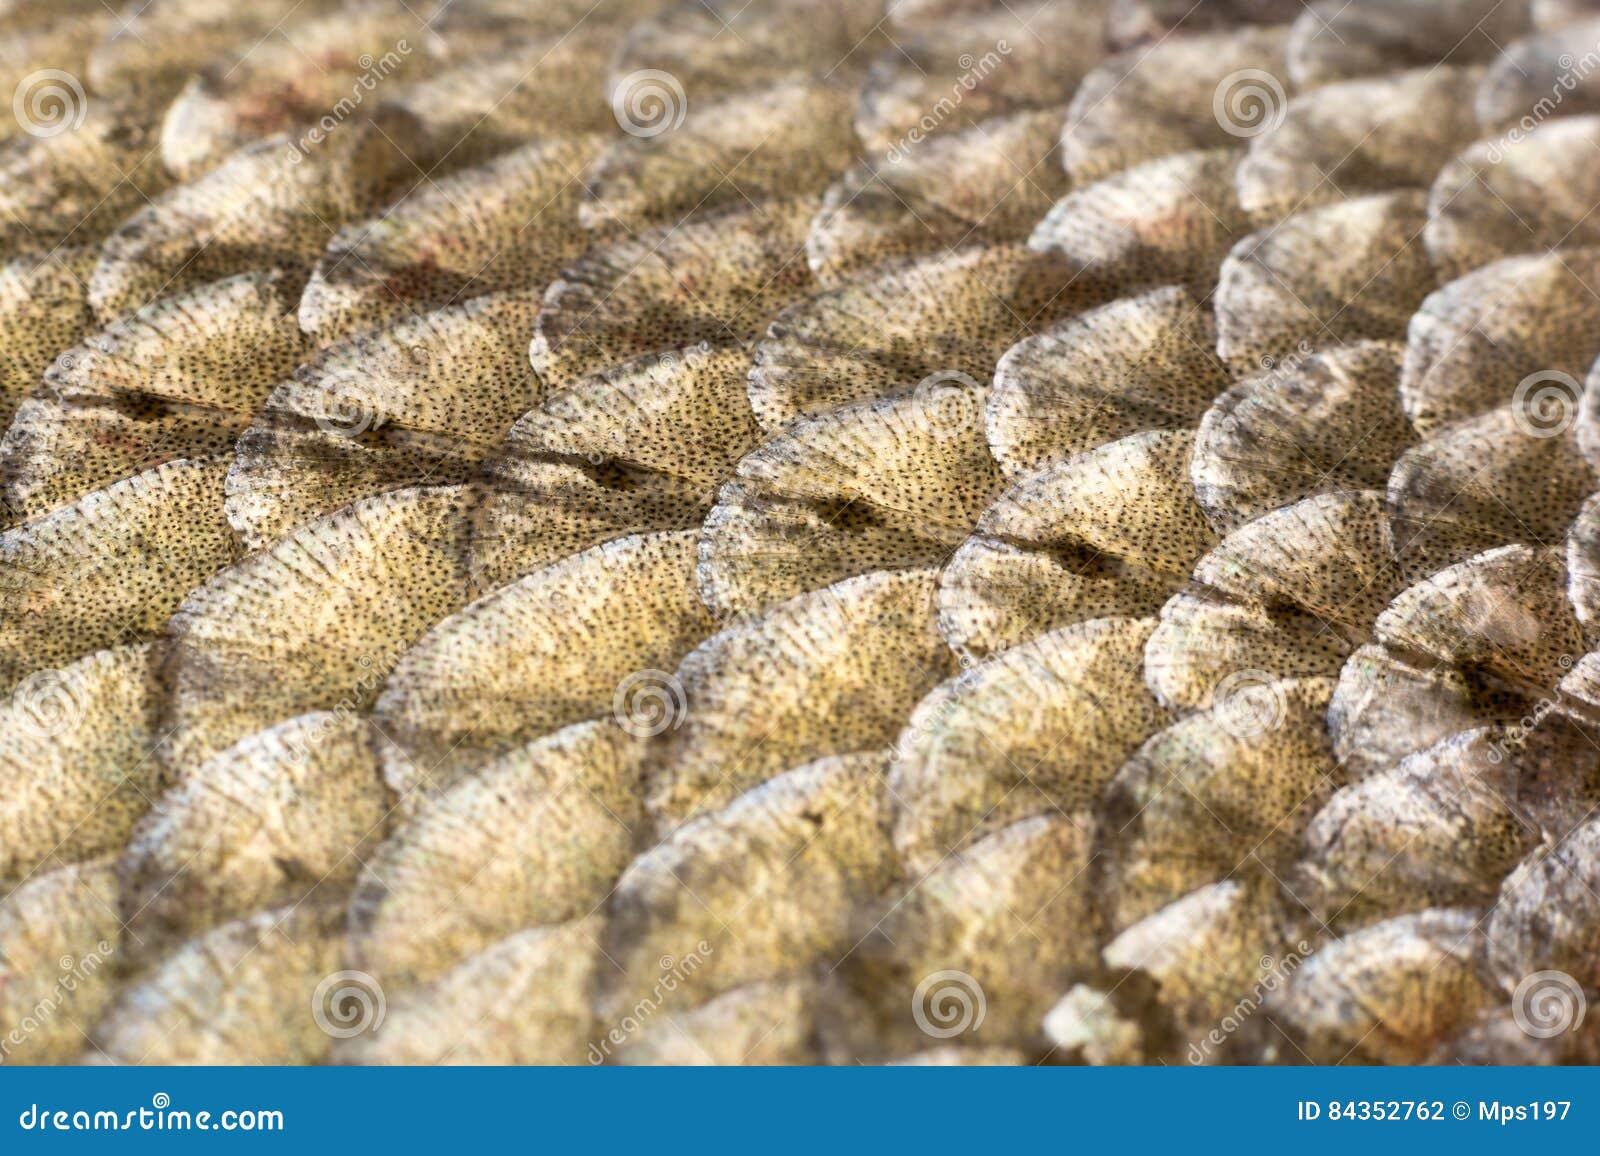 Échelles et ligne latérale de brème